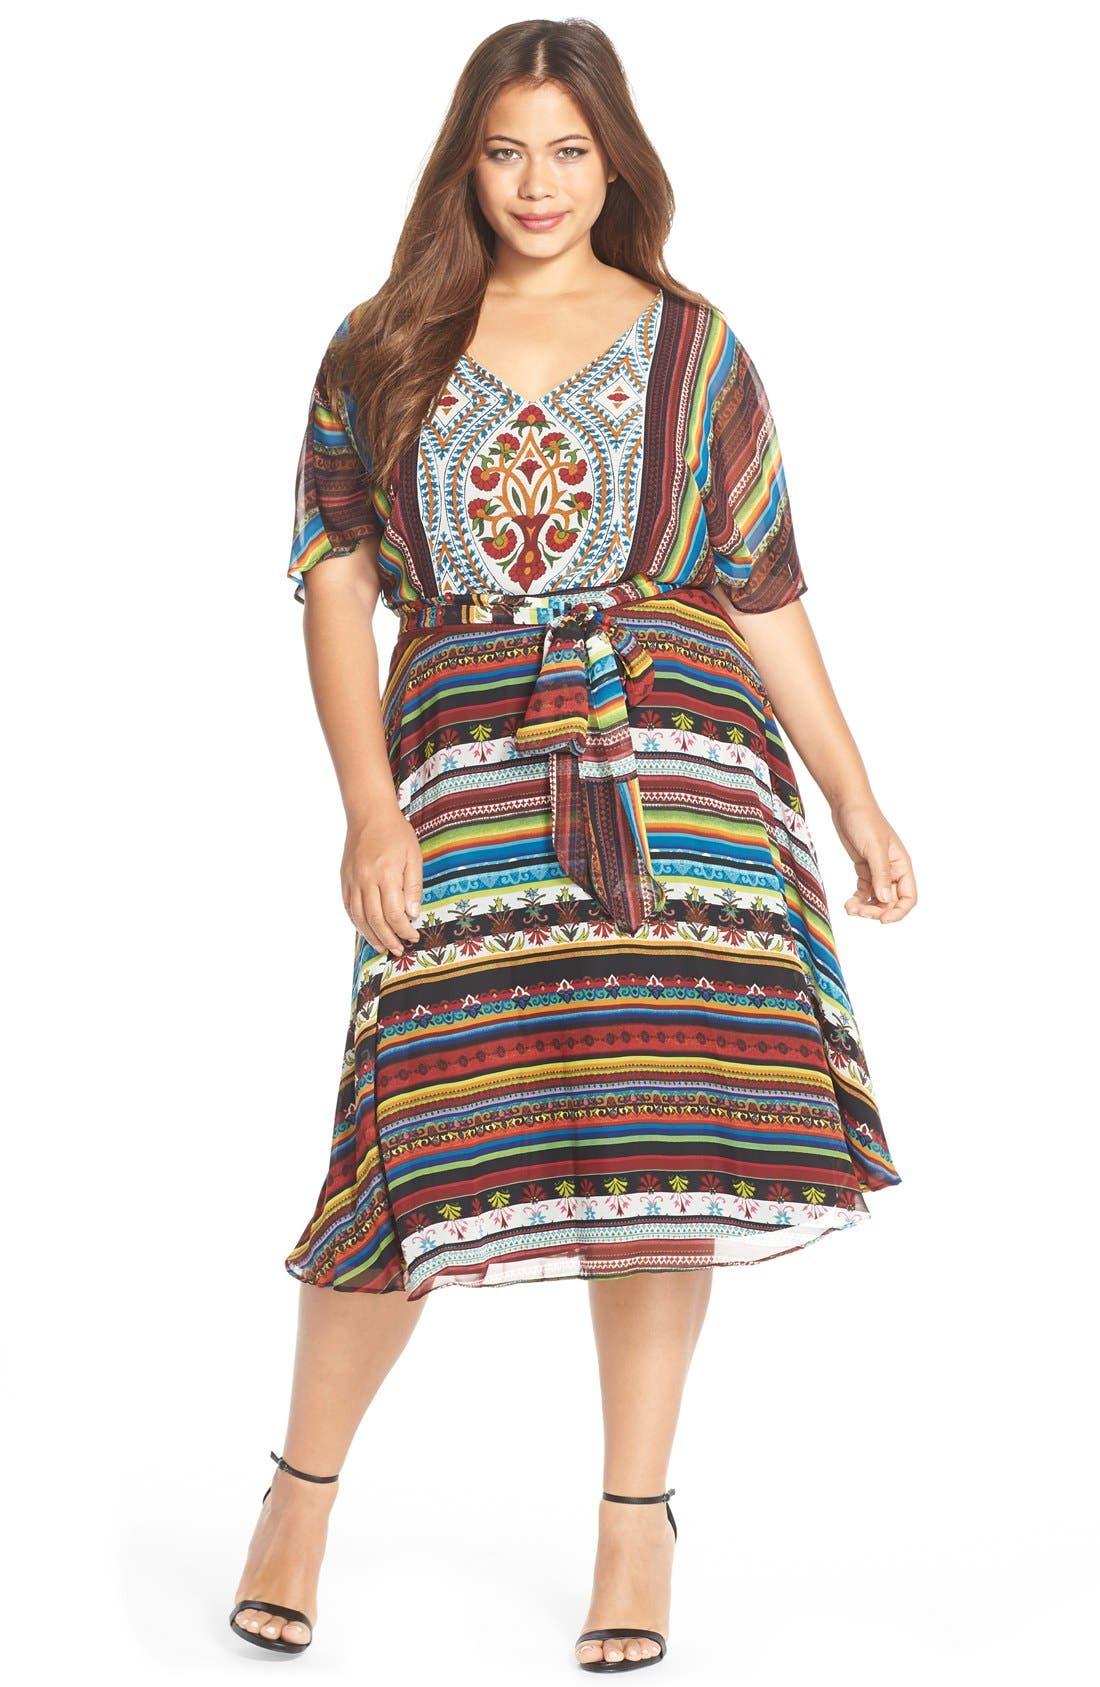 Main Image - Gabby Skye 'Boho Chic' Belted Print Chiffon Dress (Plus Size)